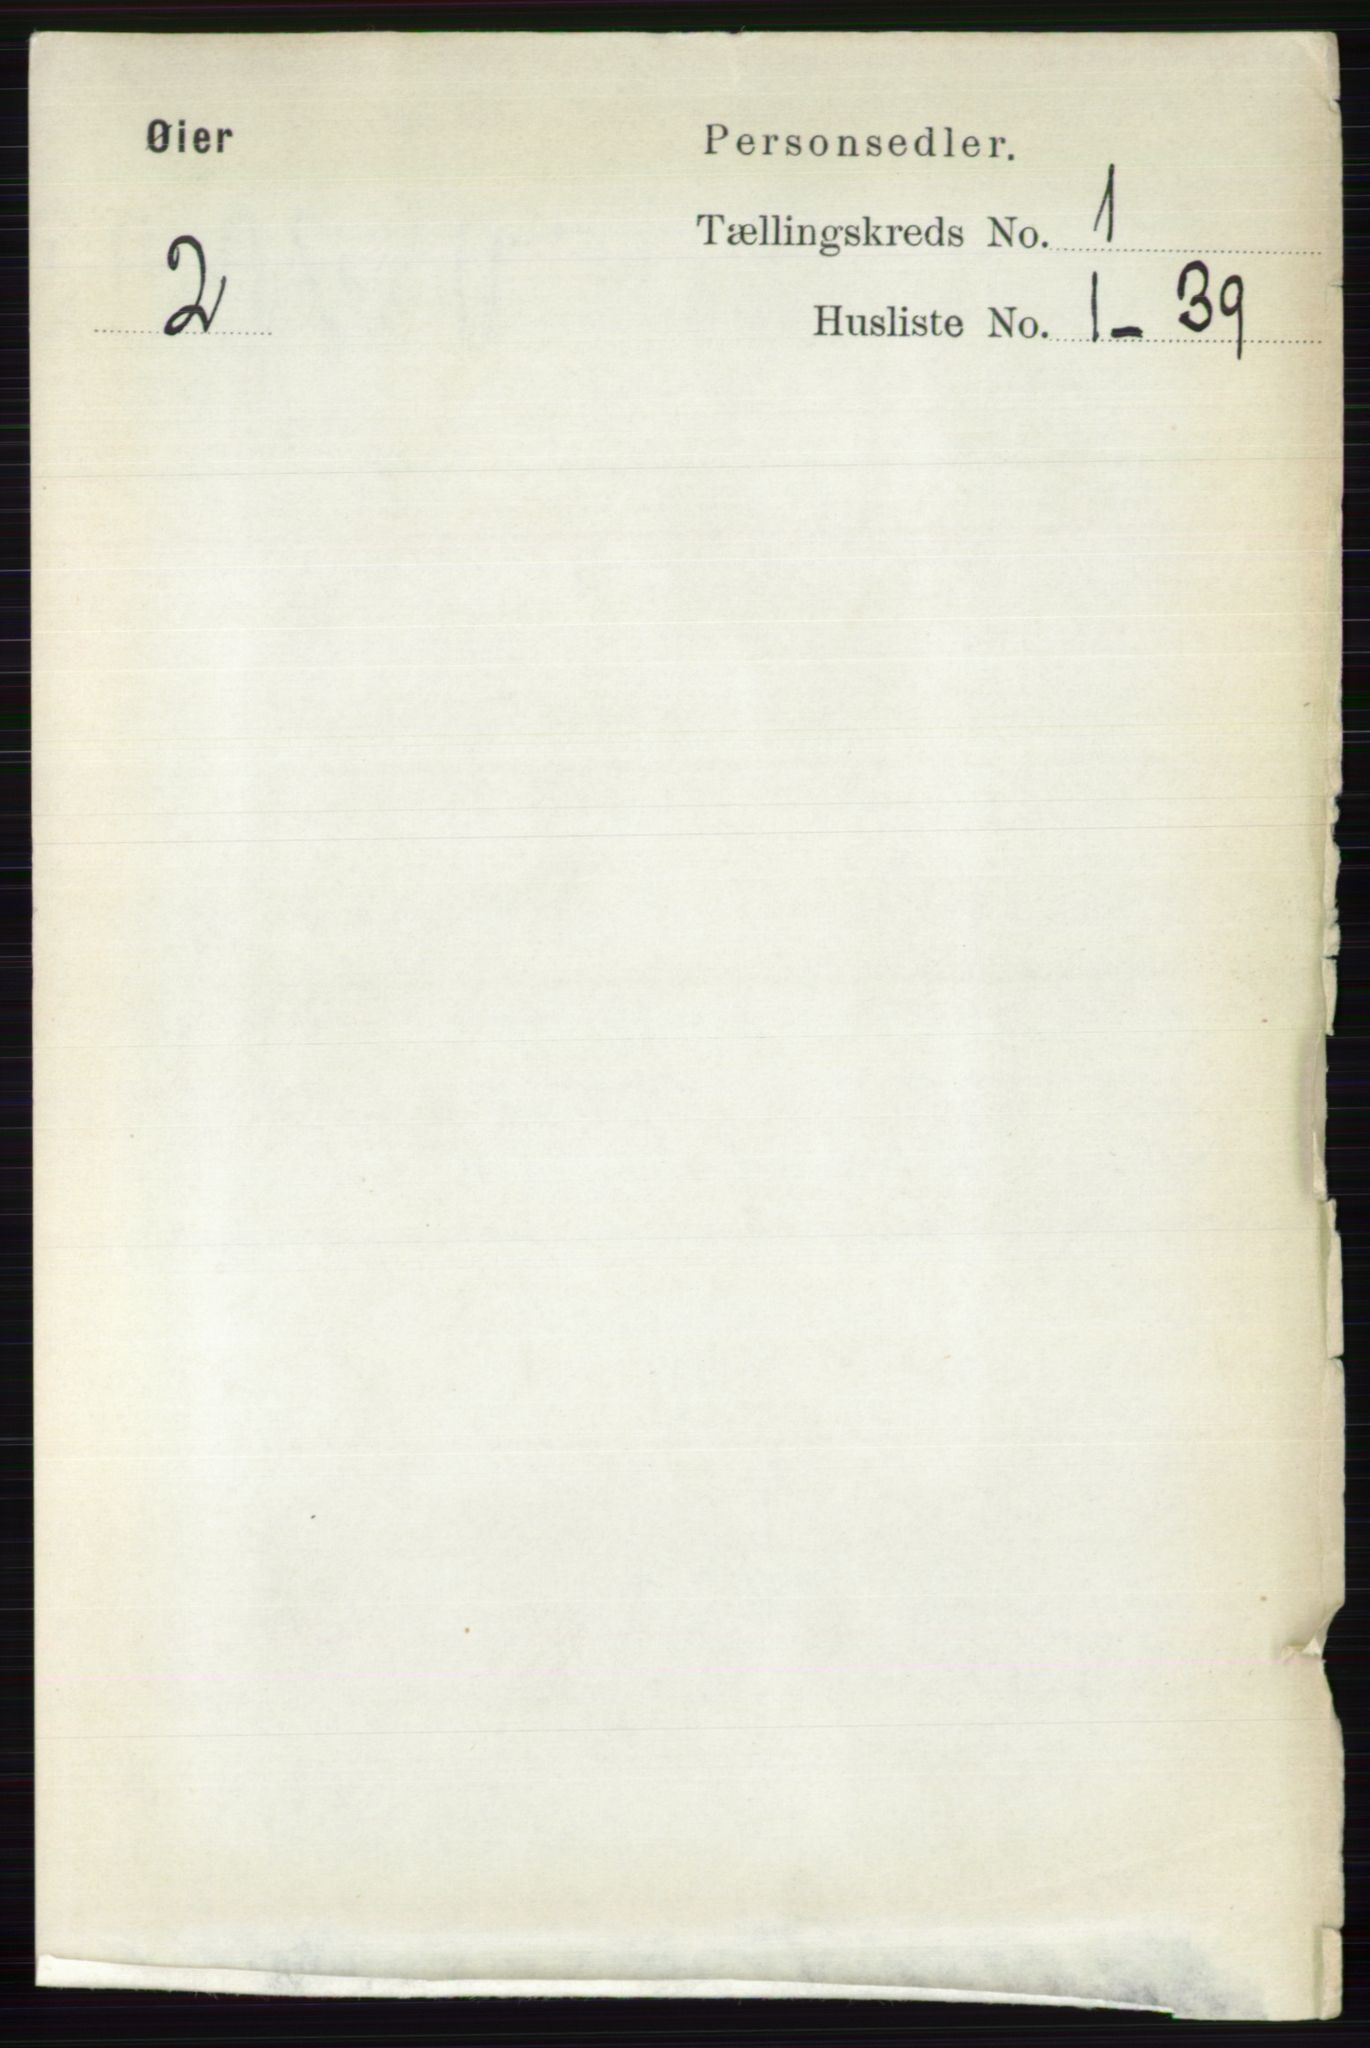 RA, Folketelling 1891 for 0521 Øyer herred, 1891, s. 98